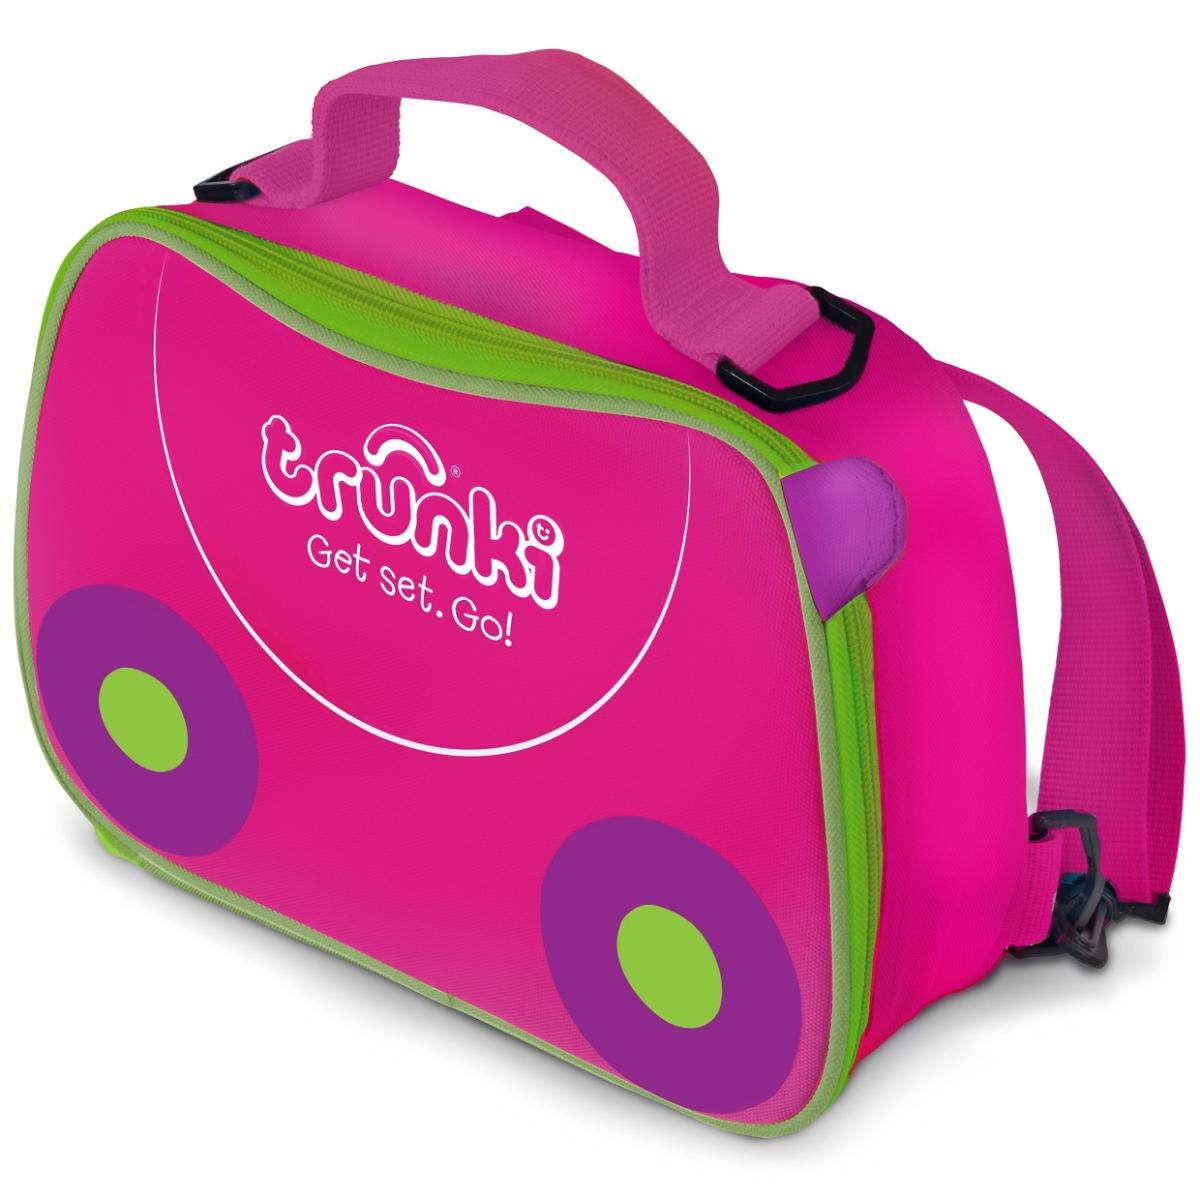 Geanta Lunch Bag Trunki, Roz